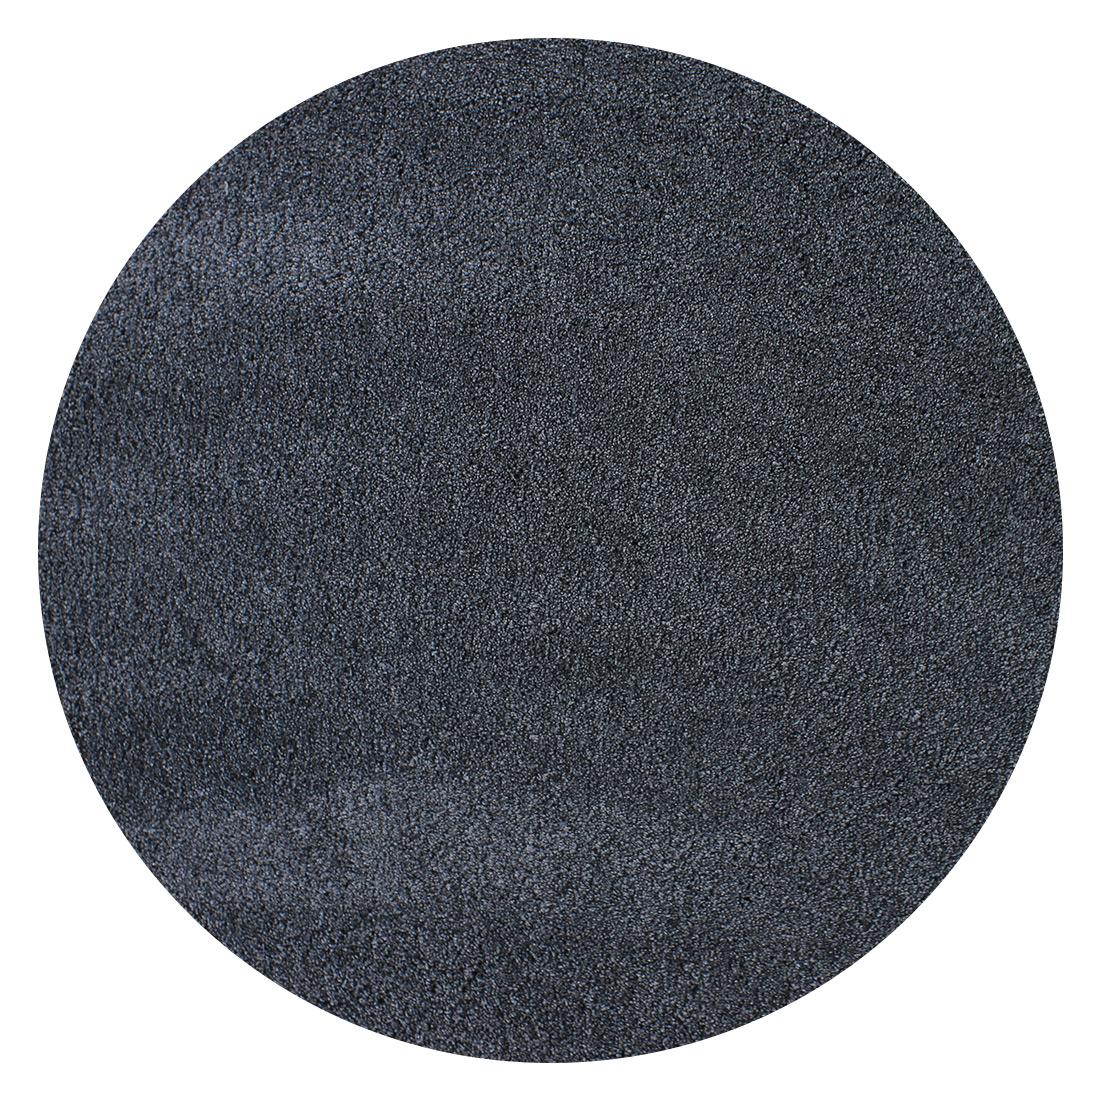 Rond vloerkleed Xilento Amazing Anthracite